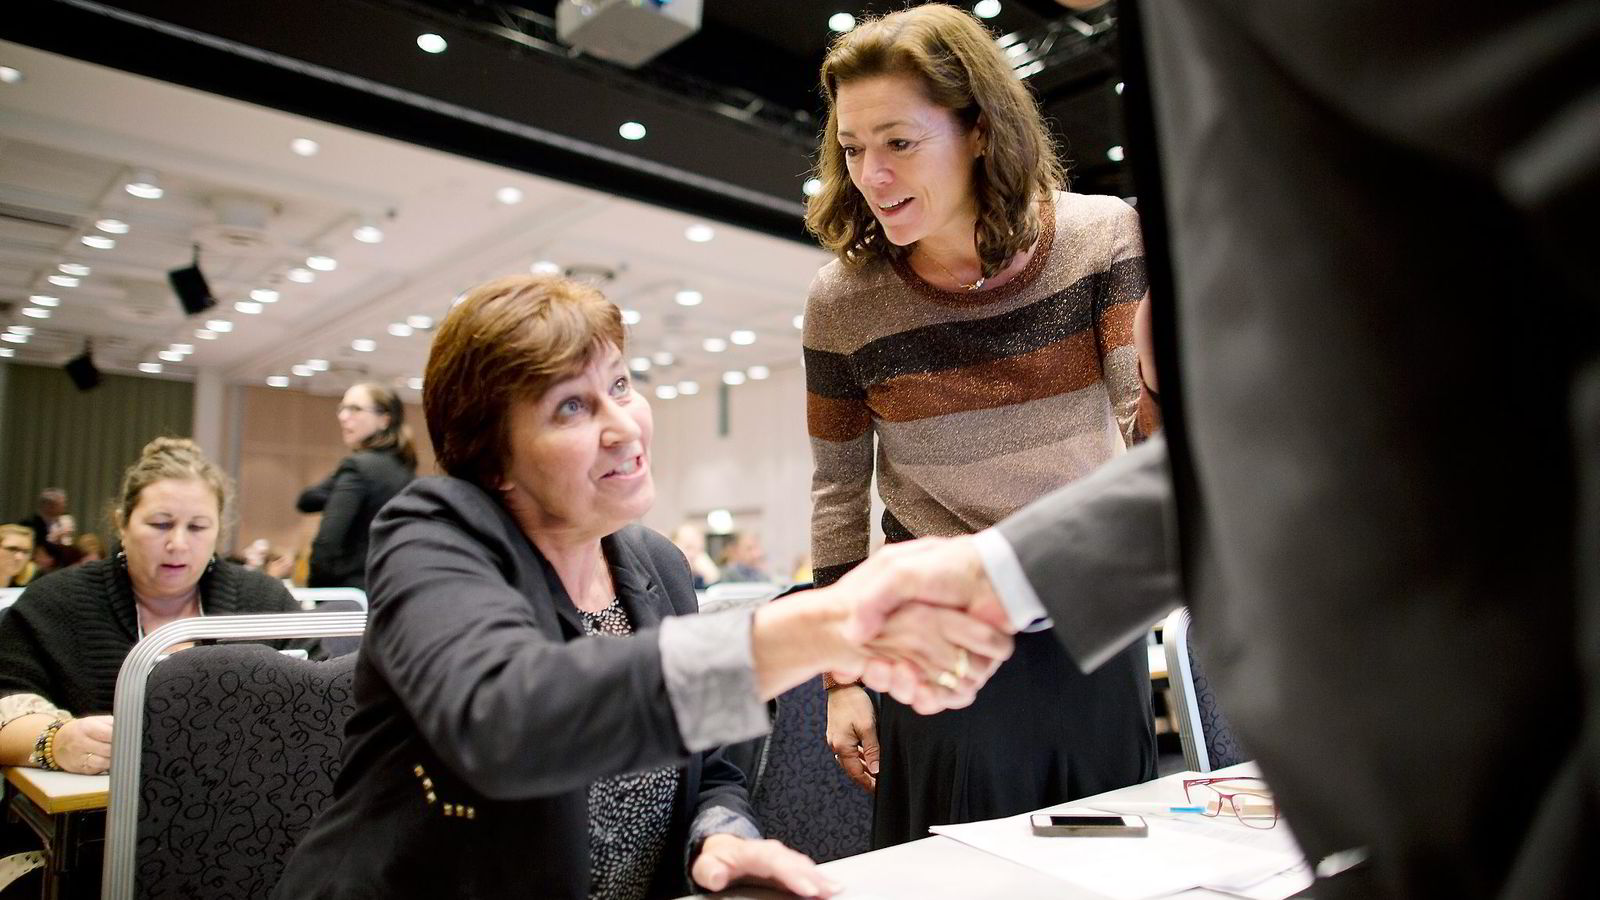 LO-leder Gerd Kristiansen (til venstre) og administrerende direktør i NHO, Kristin Skogen Lund. Begge parter er forsiktige foran vårens oppgjør. Foto: Øyvind Elvsborg